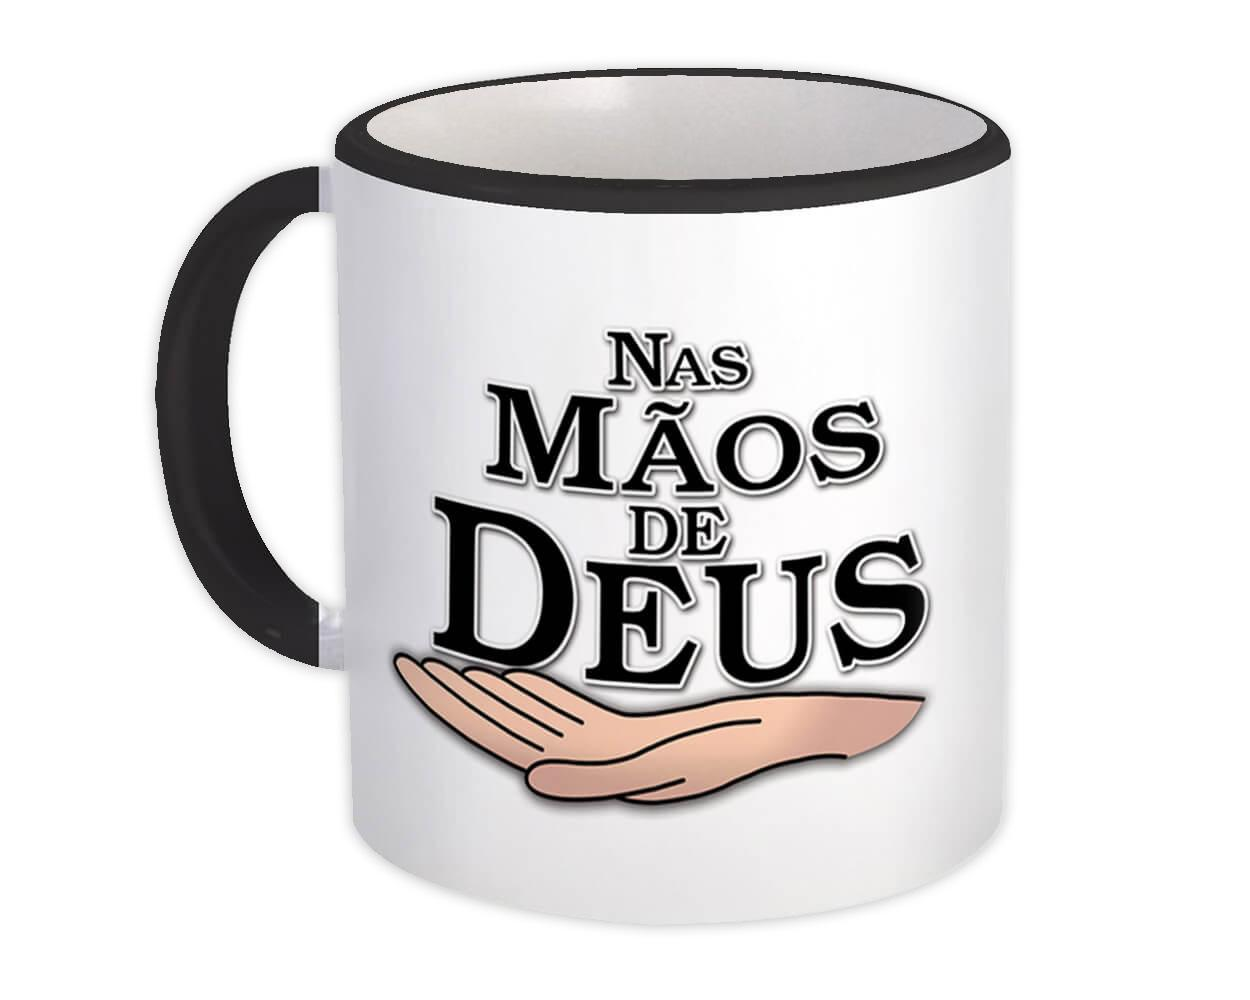 Nas Maos de Deus : Gift Mug Christian Portuguese Evangelical